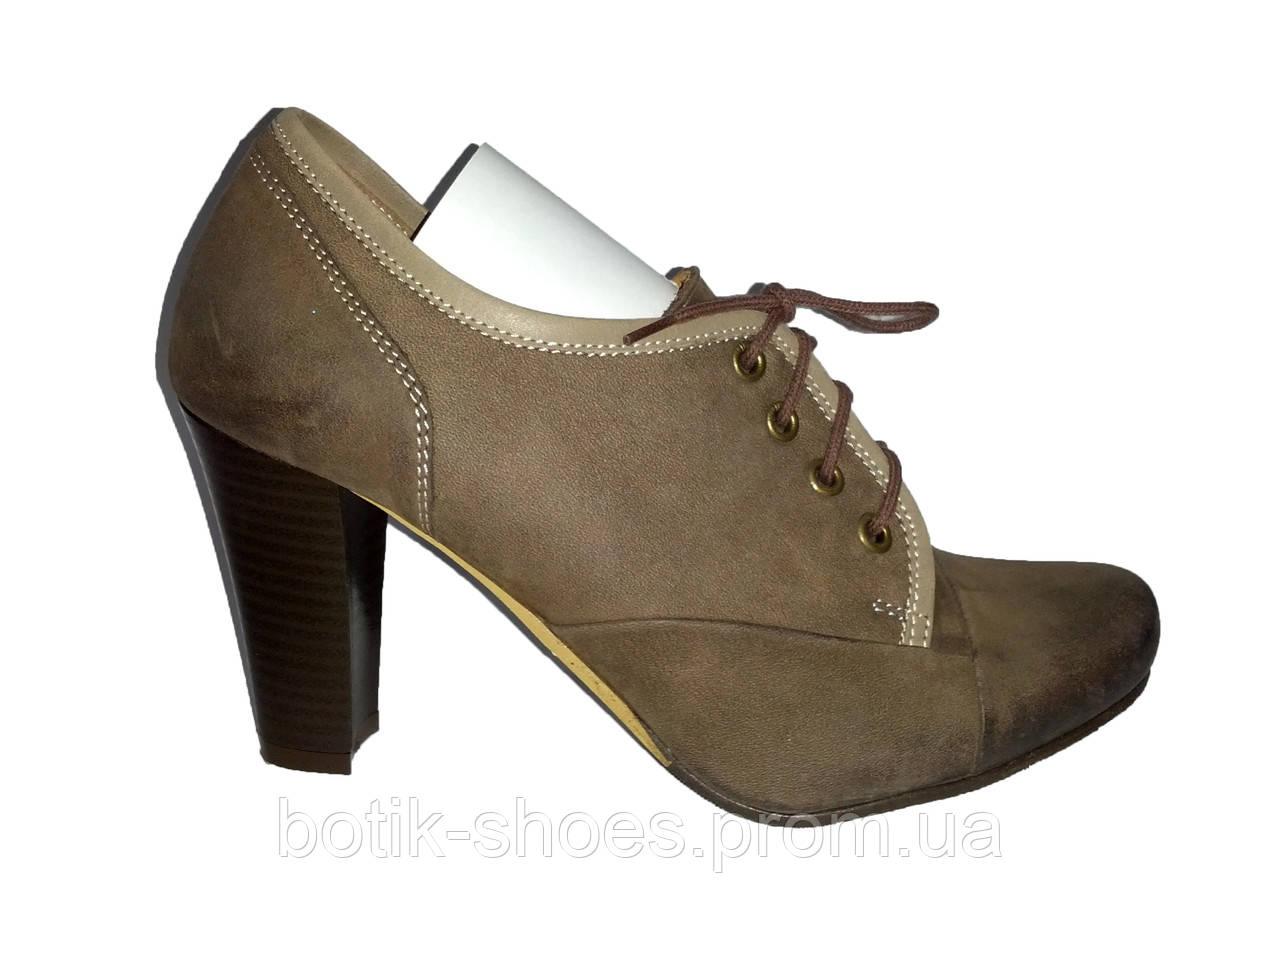 f1d719c090f8 Кожаные женские туфли на каблуках коричневые 39 размер Aga 1147 - Bigl.ua